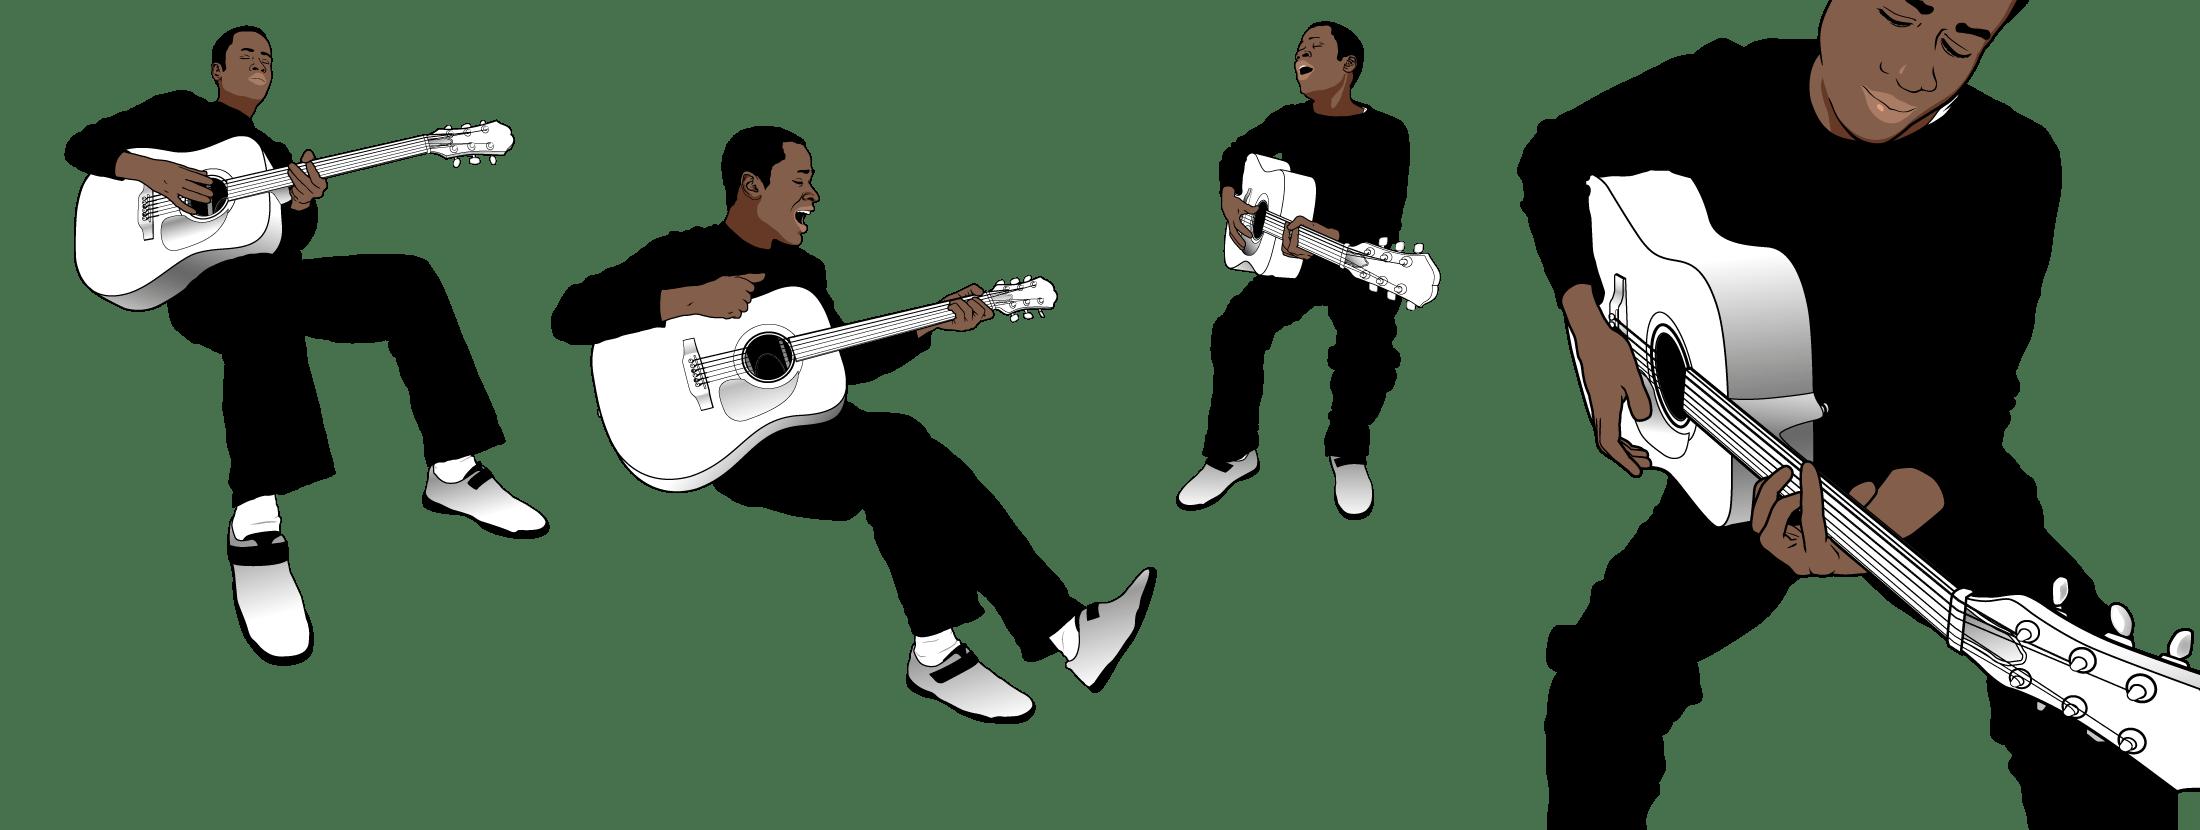 JeanRacine-dessin-x4-01